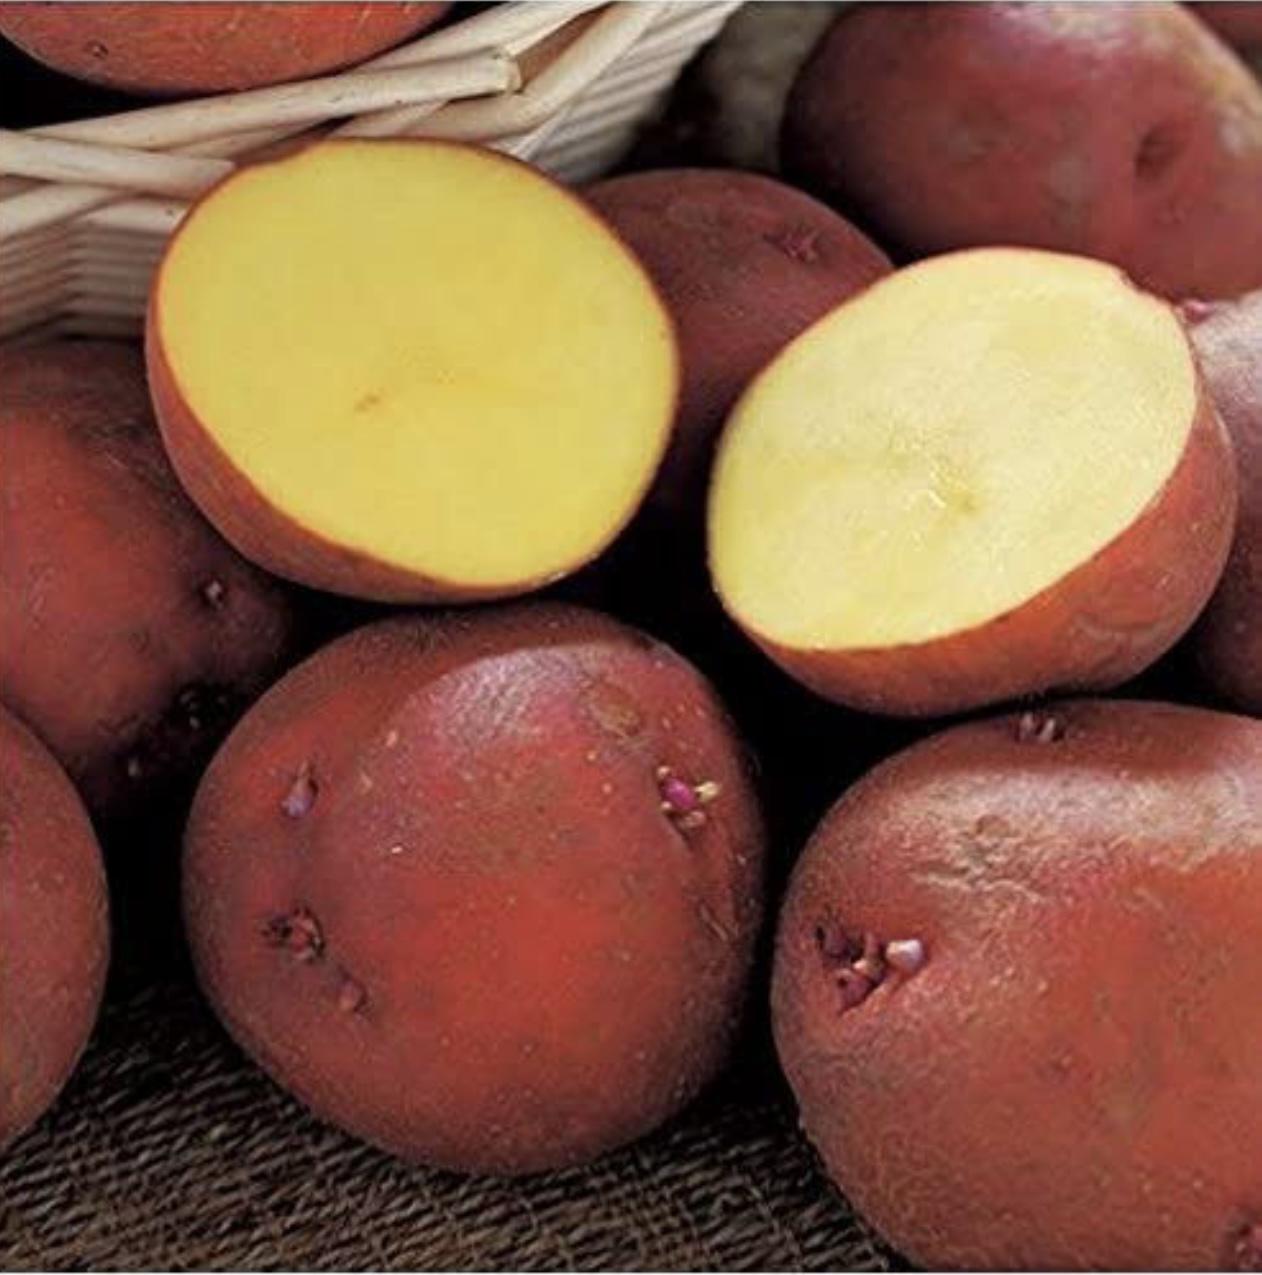 野菜の紹介です【ビーツ】|野菜がおいしいごはん|愛知県安城市 暮らしのお店野菜の紹介です【アンデス】